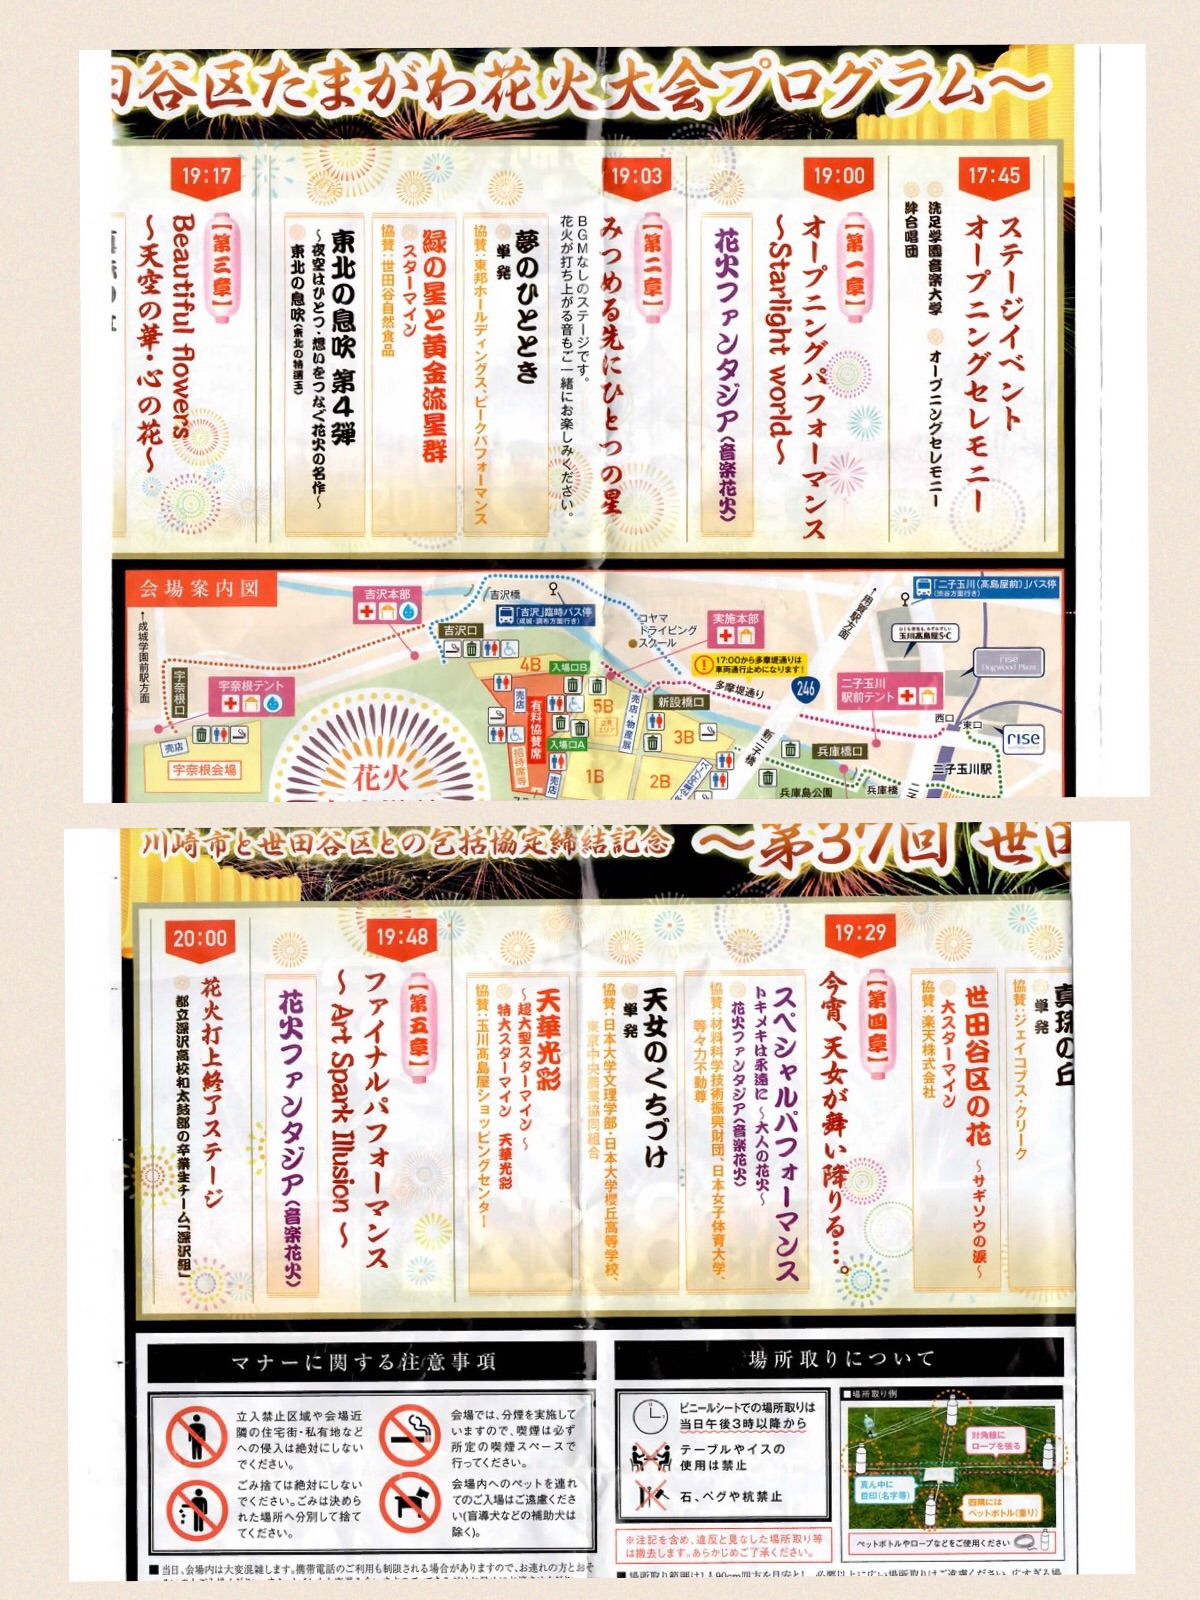 世田谷区 多摩川花火大会2015有料席観覧記